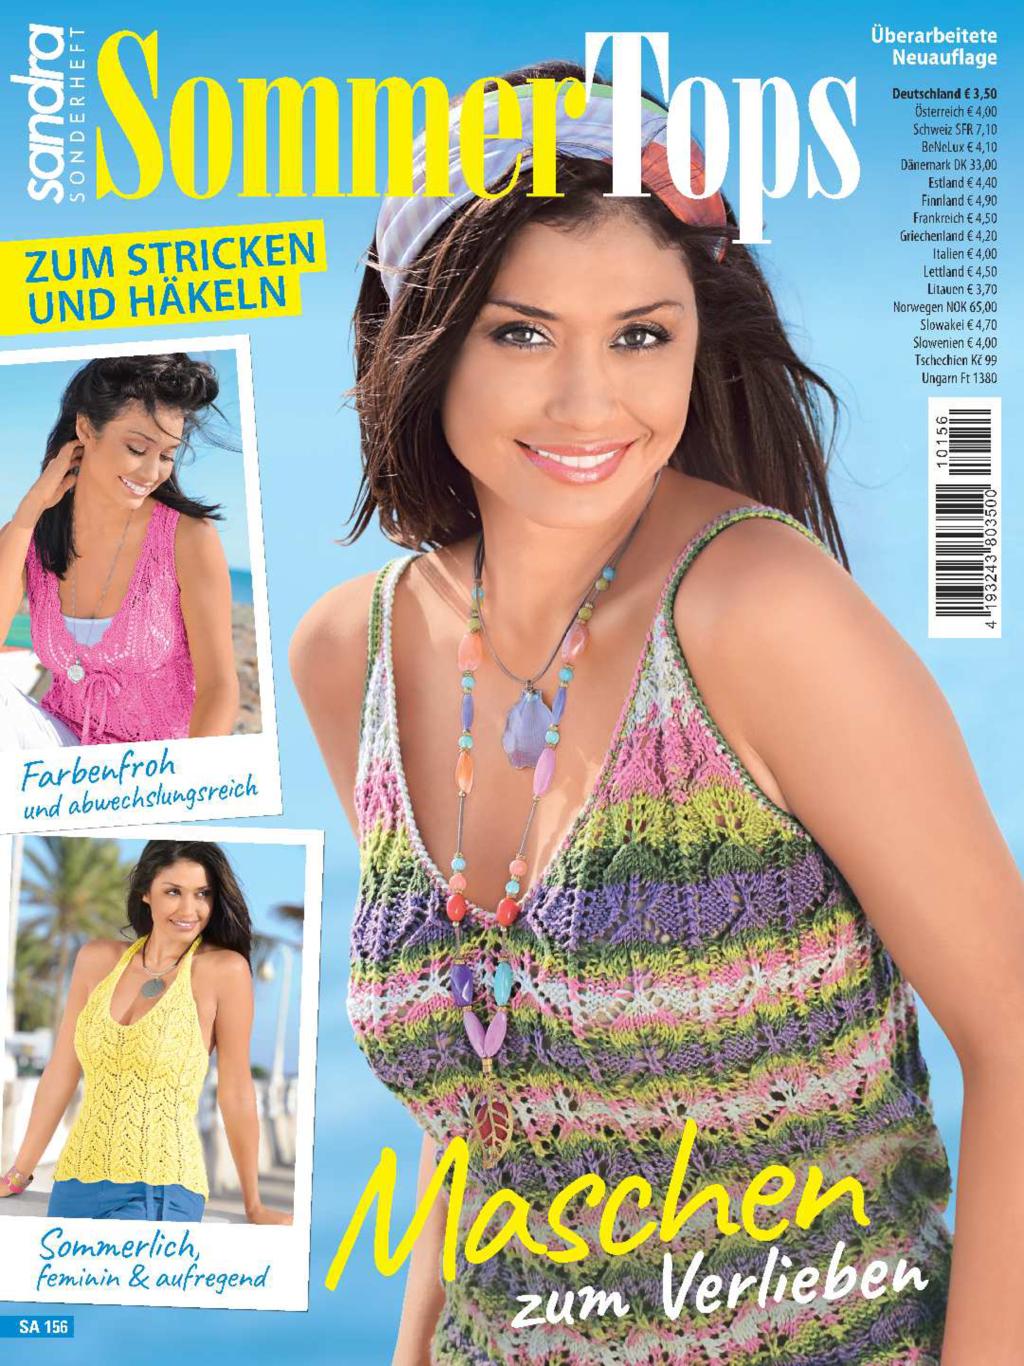 Sandra Sonderheft SA 156 - Sommertops